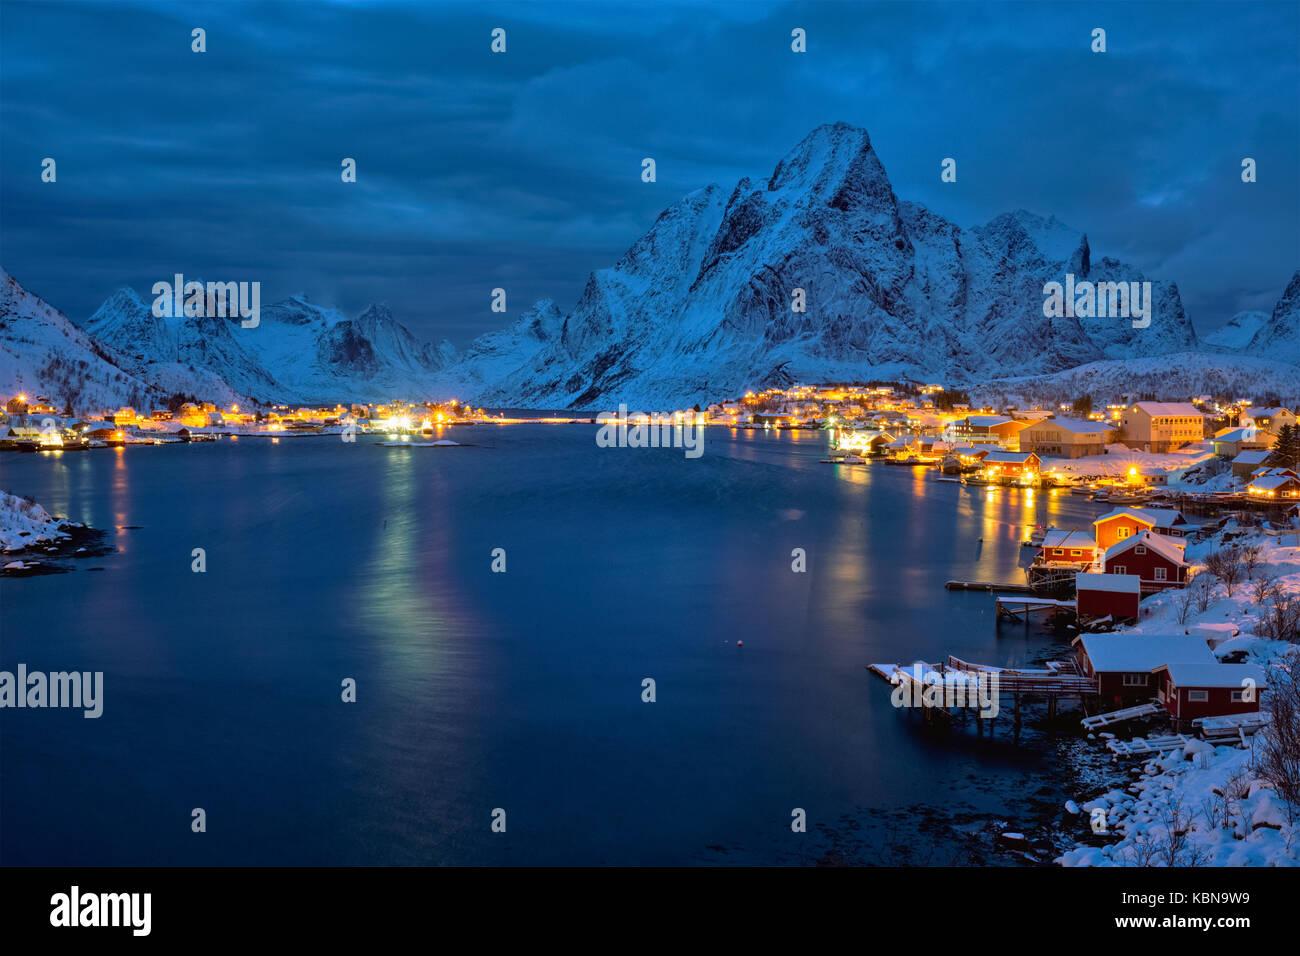 Reine village la nuit. îles Lofoten, Norvège Banque D'Images